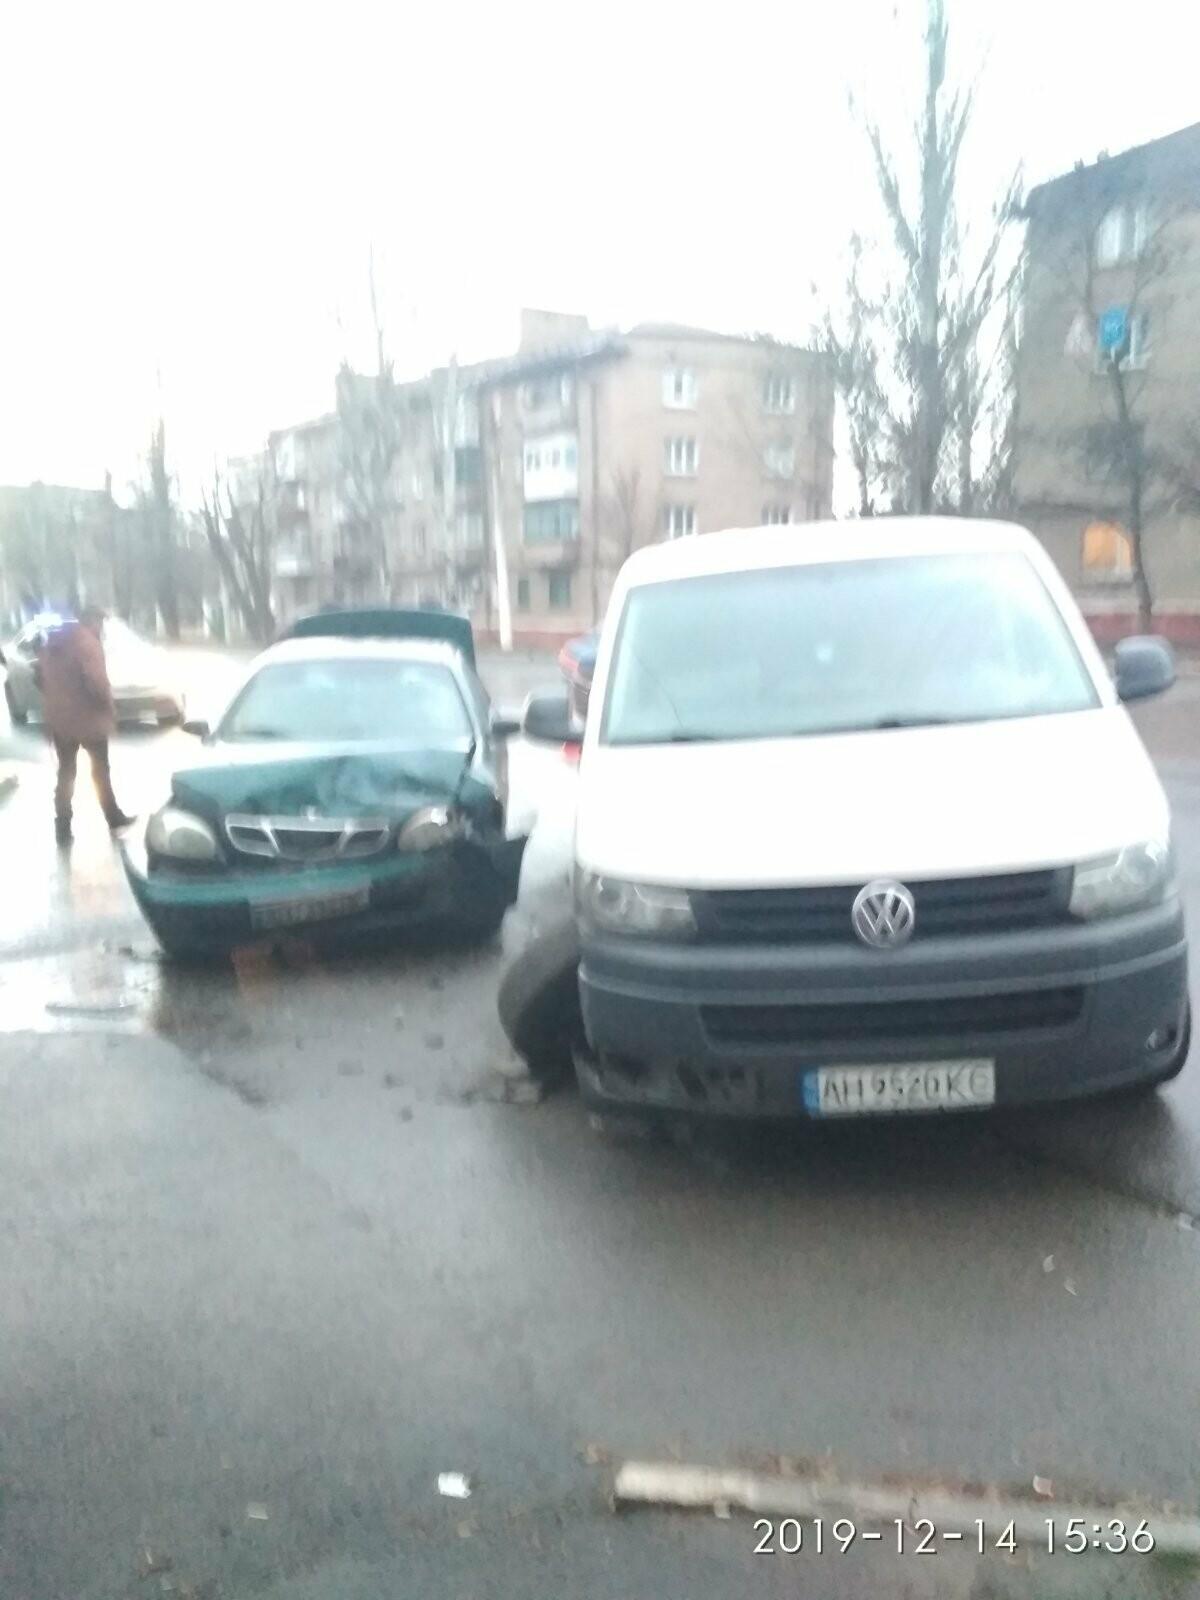 В Мариуполе столкнулись легковушка и микроавтобус. Трое человек пострадали, - ФОТО, фото-5